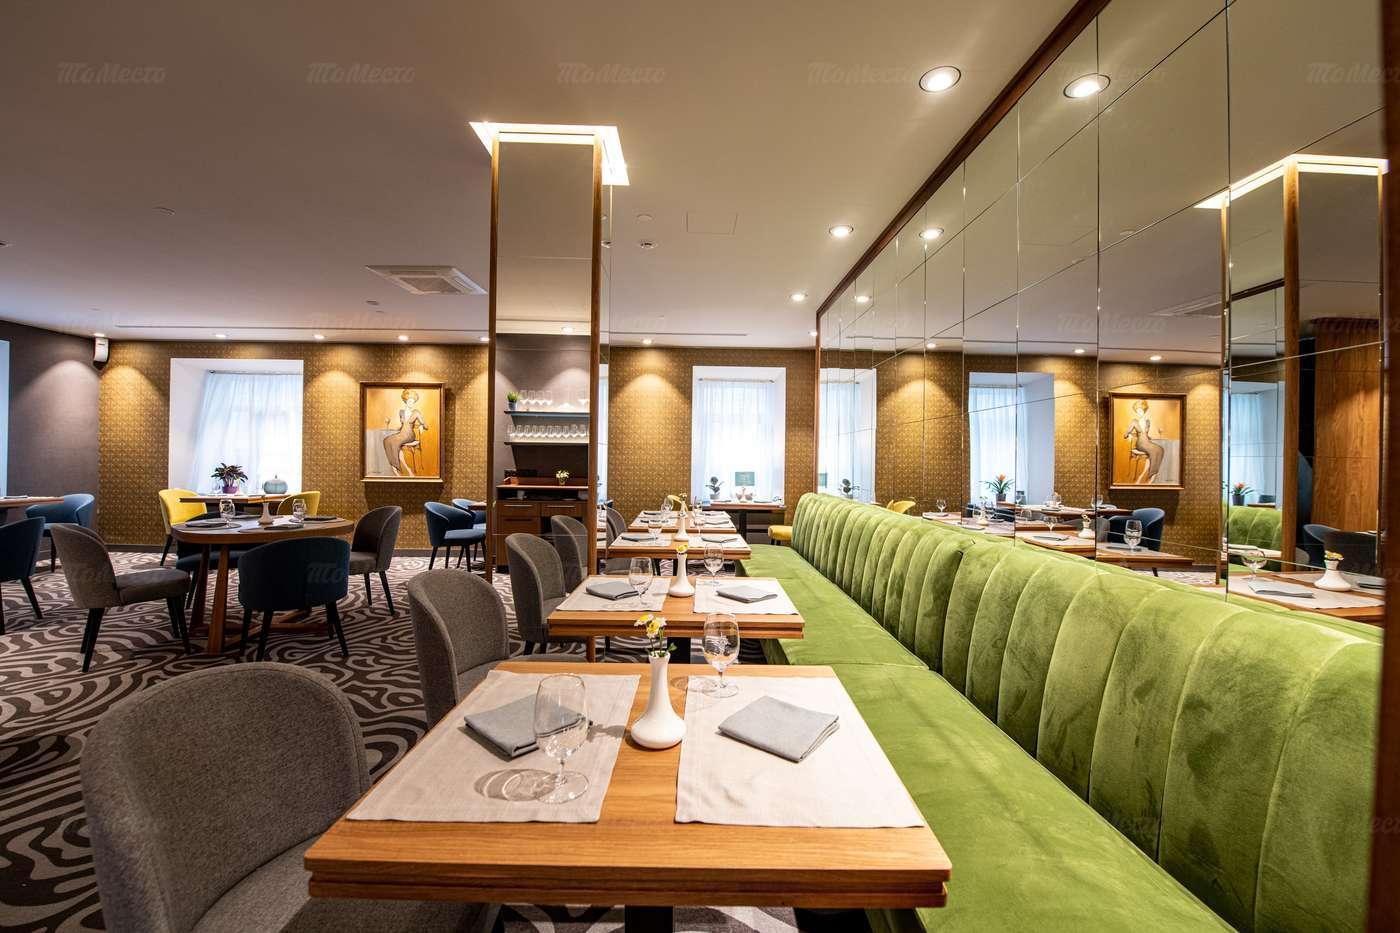 Ресторан Ле Карре (Le Carre) на Садовнической фото 3